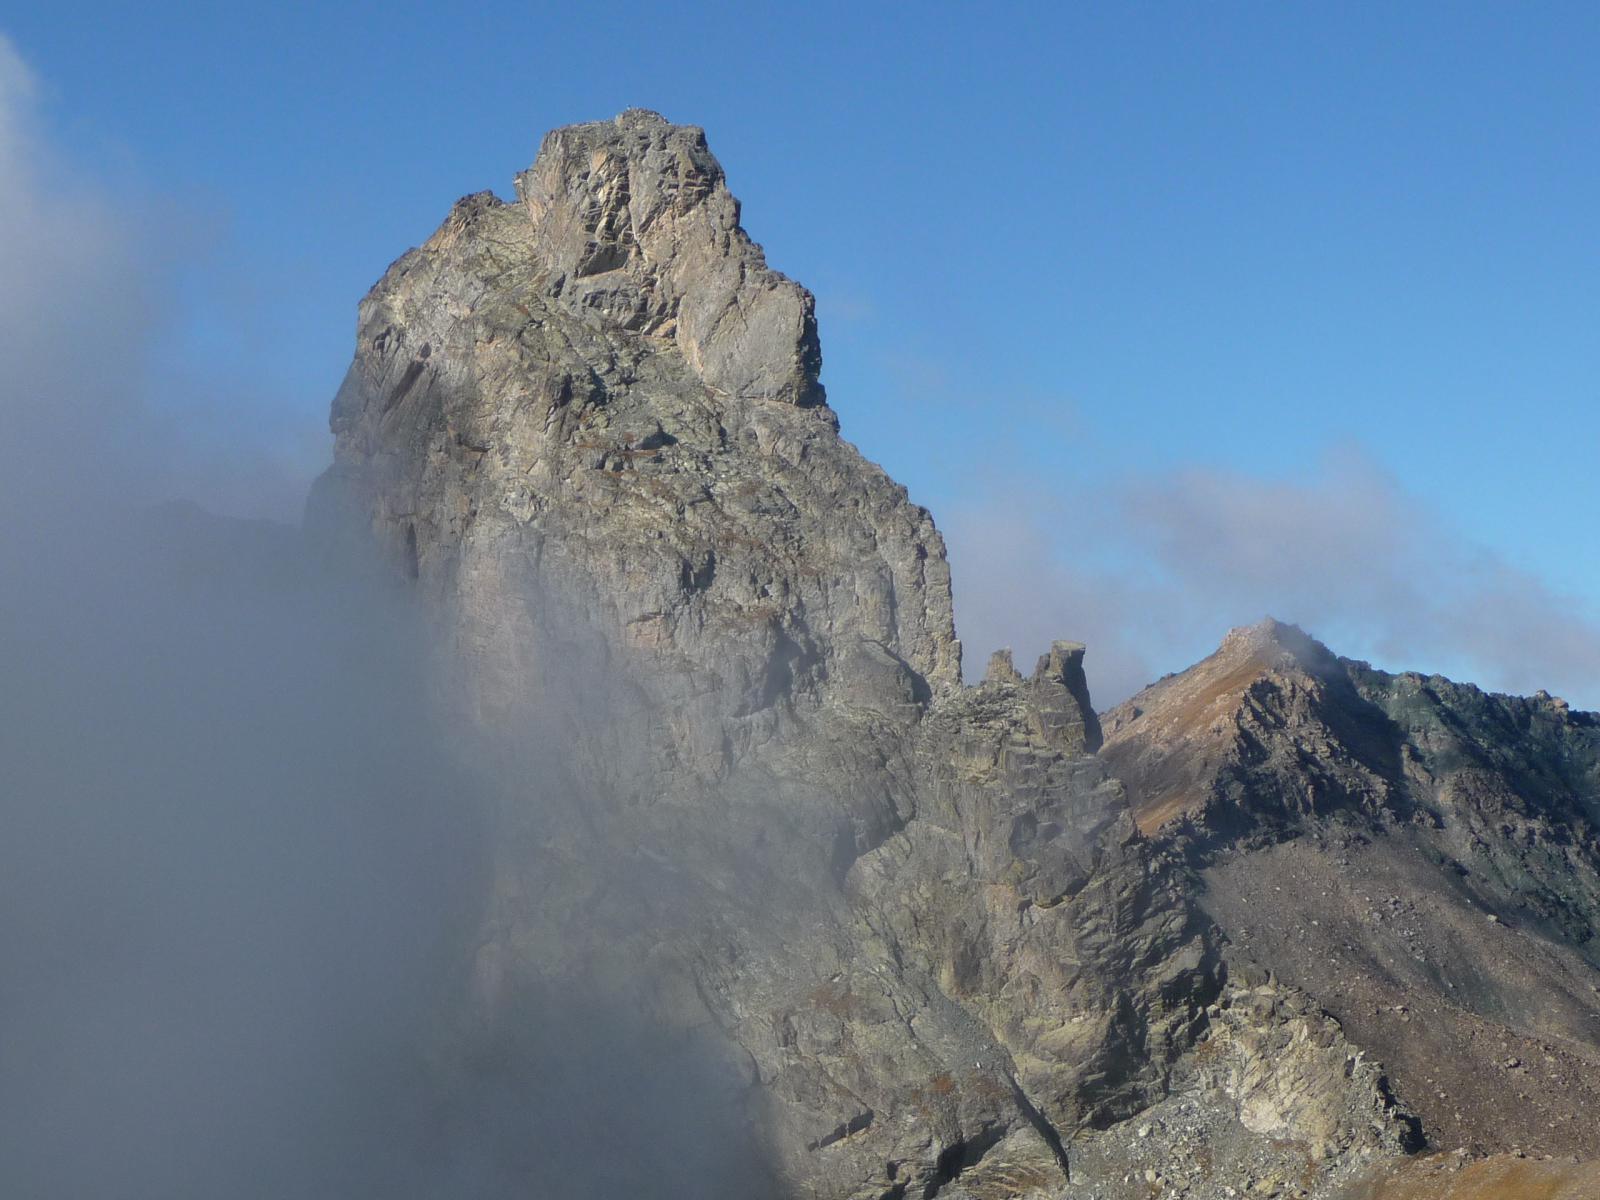 Roc de la Niera fra le nebbie